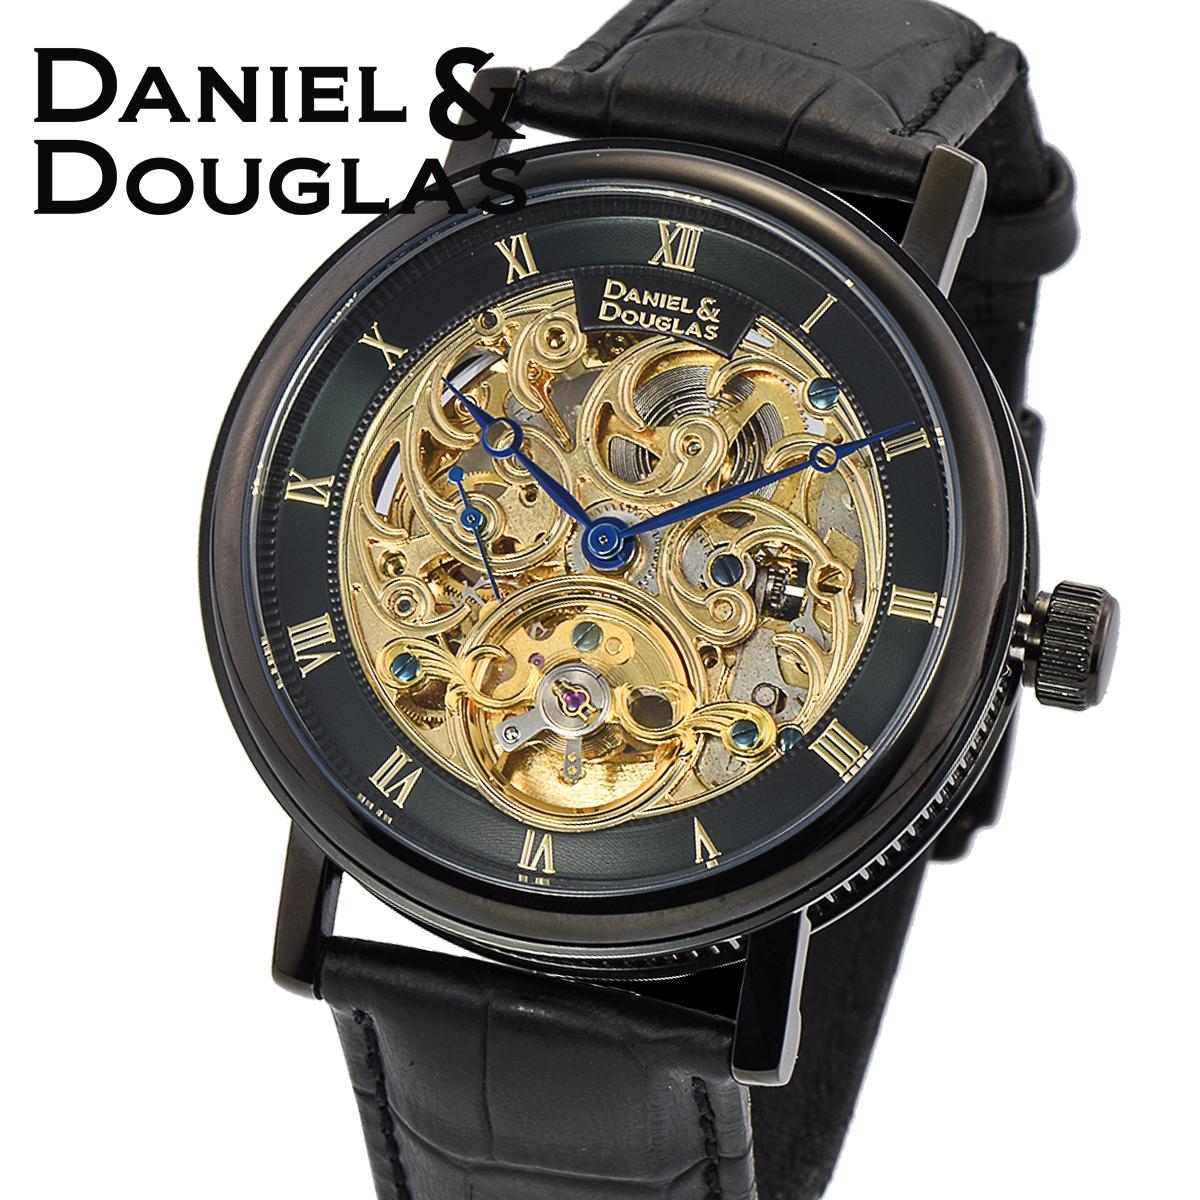 【全品送料無料】 ダニエルダグラス DANIEL&DOUGLAS ダニエル ダグラス DD8805-GP メンズ 時計 腕時計 自動巻き オートマチック スケルトン